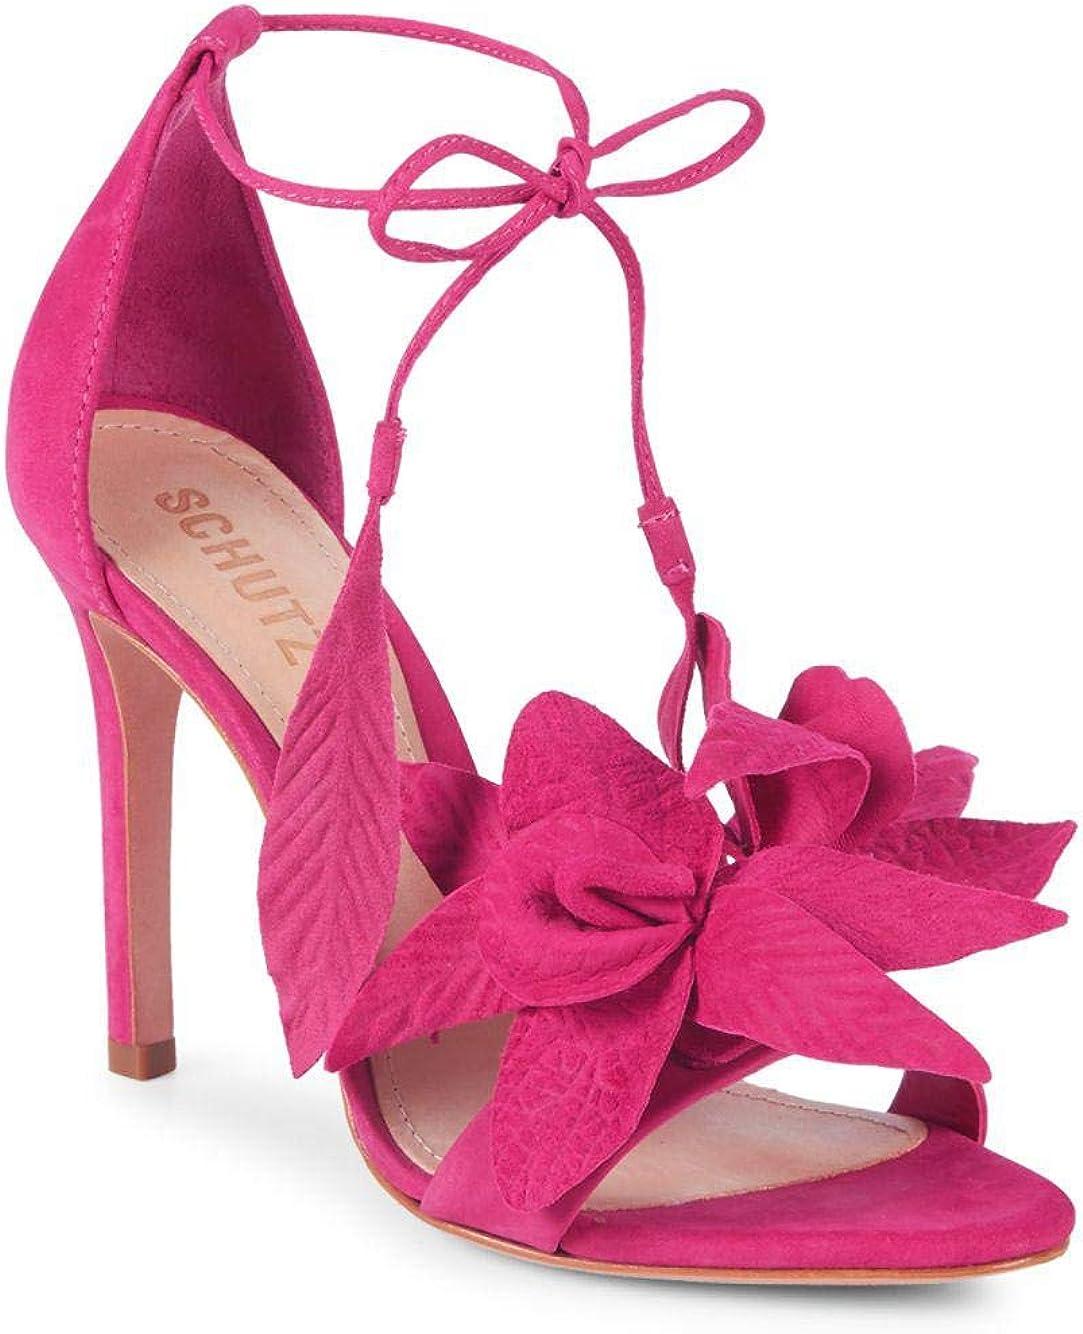 SCHUTZ Thainy Bright Rose Pink Suede